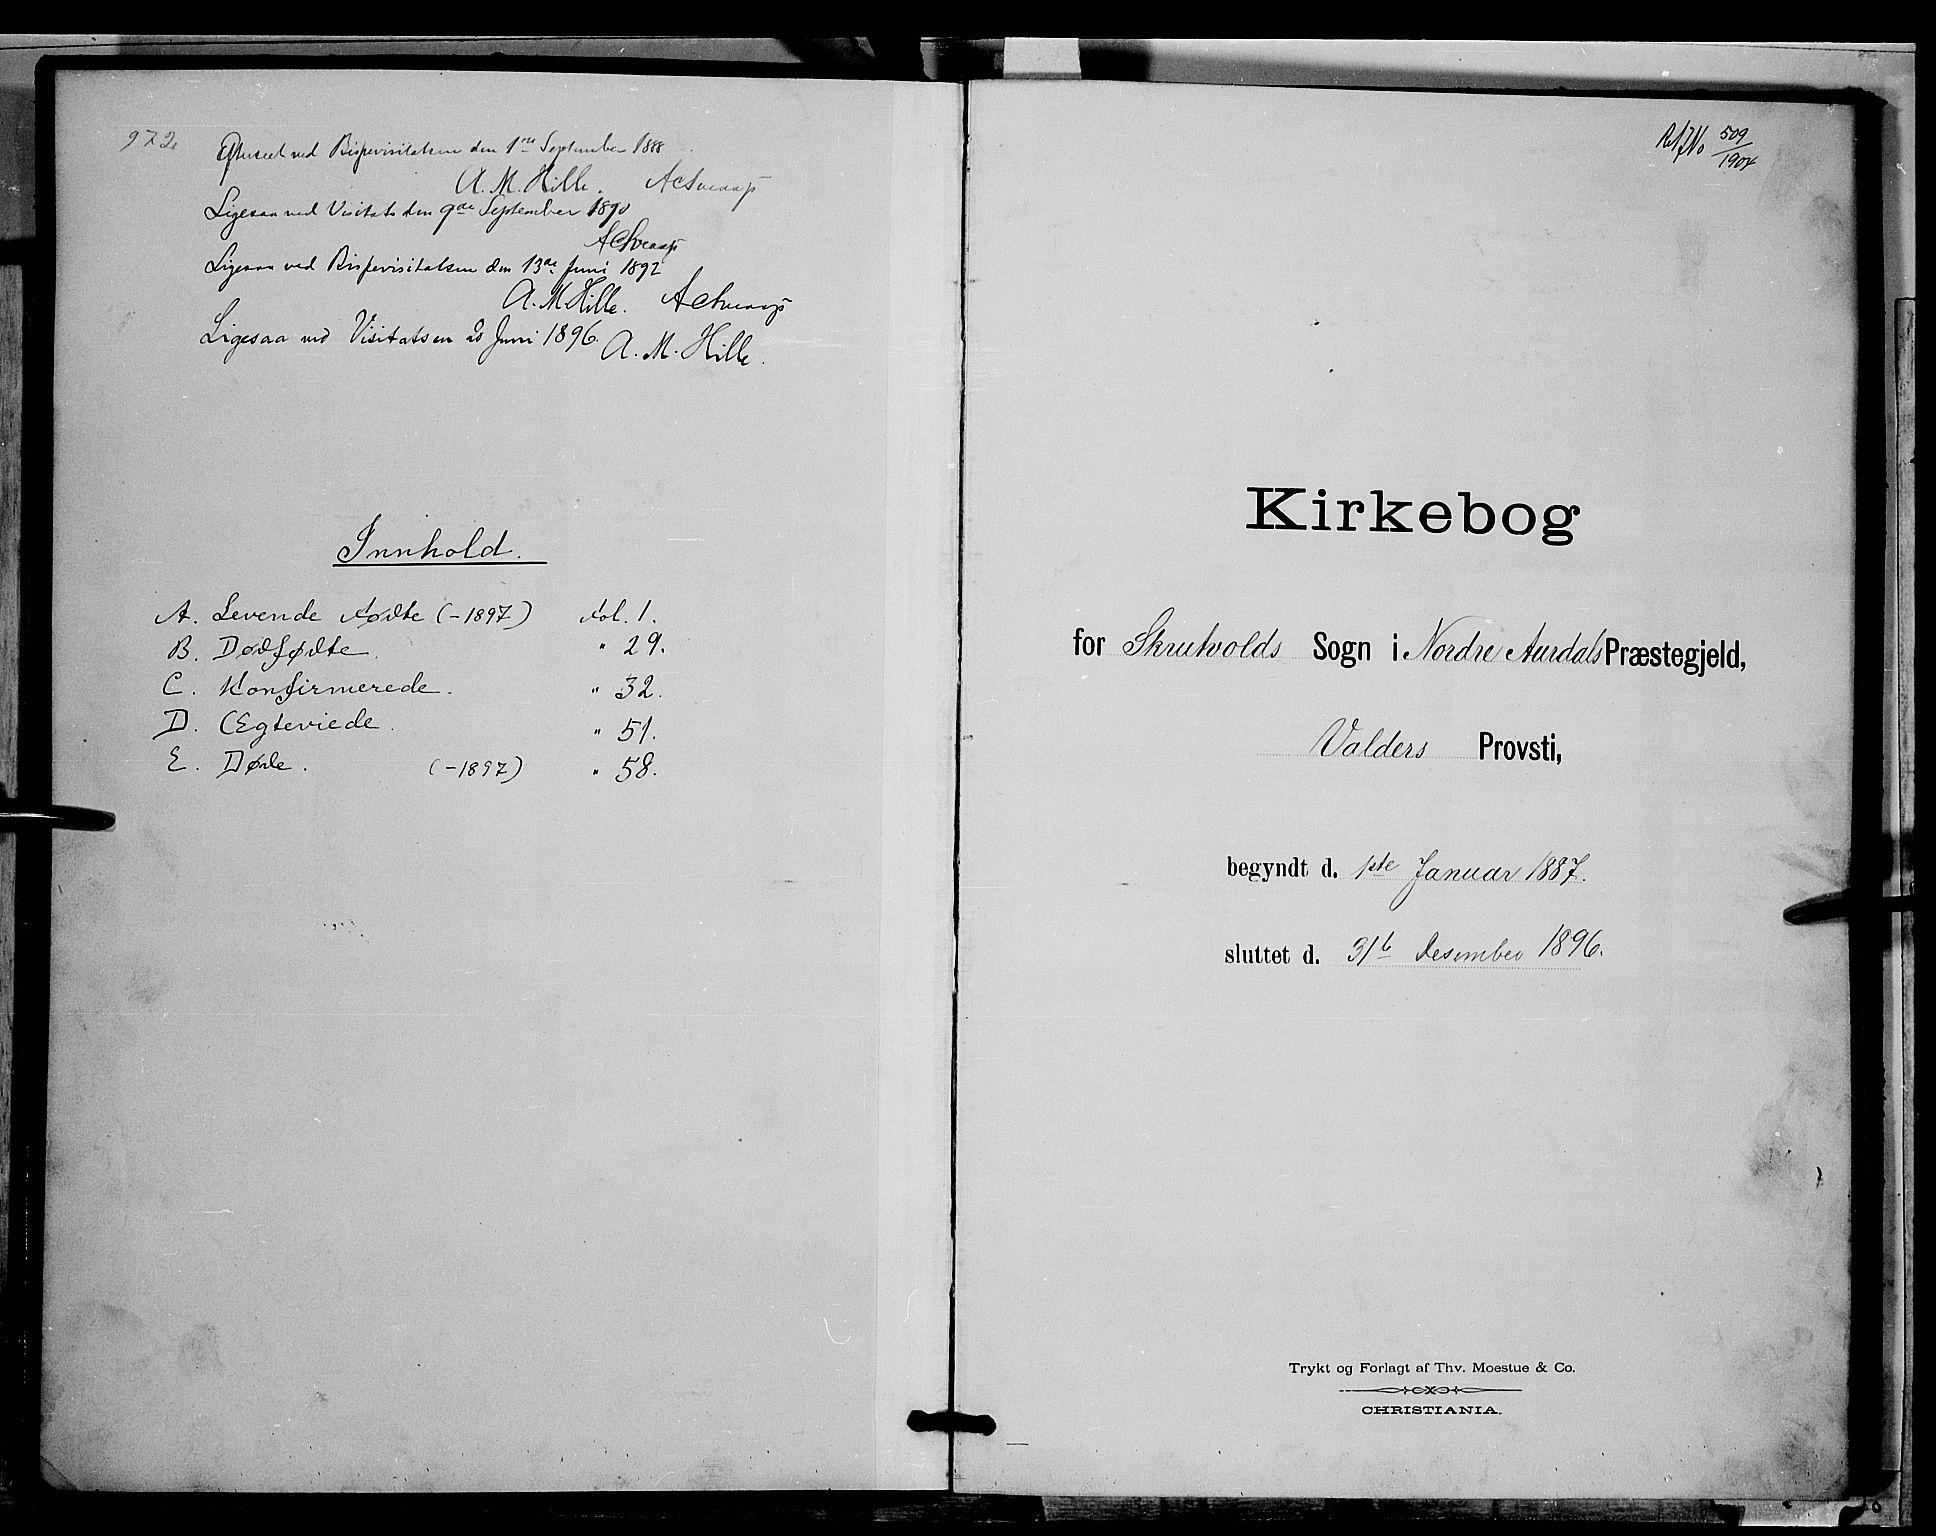 SAH, Nord-Aurdal prestekontor, Klokkerbok nr. 9, 1887-1897